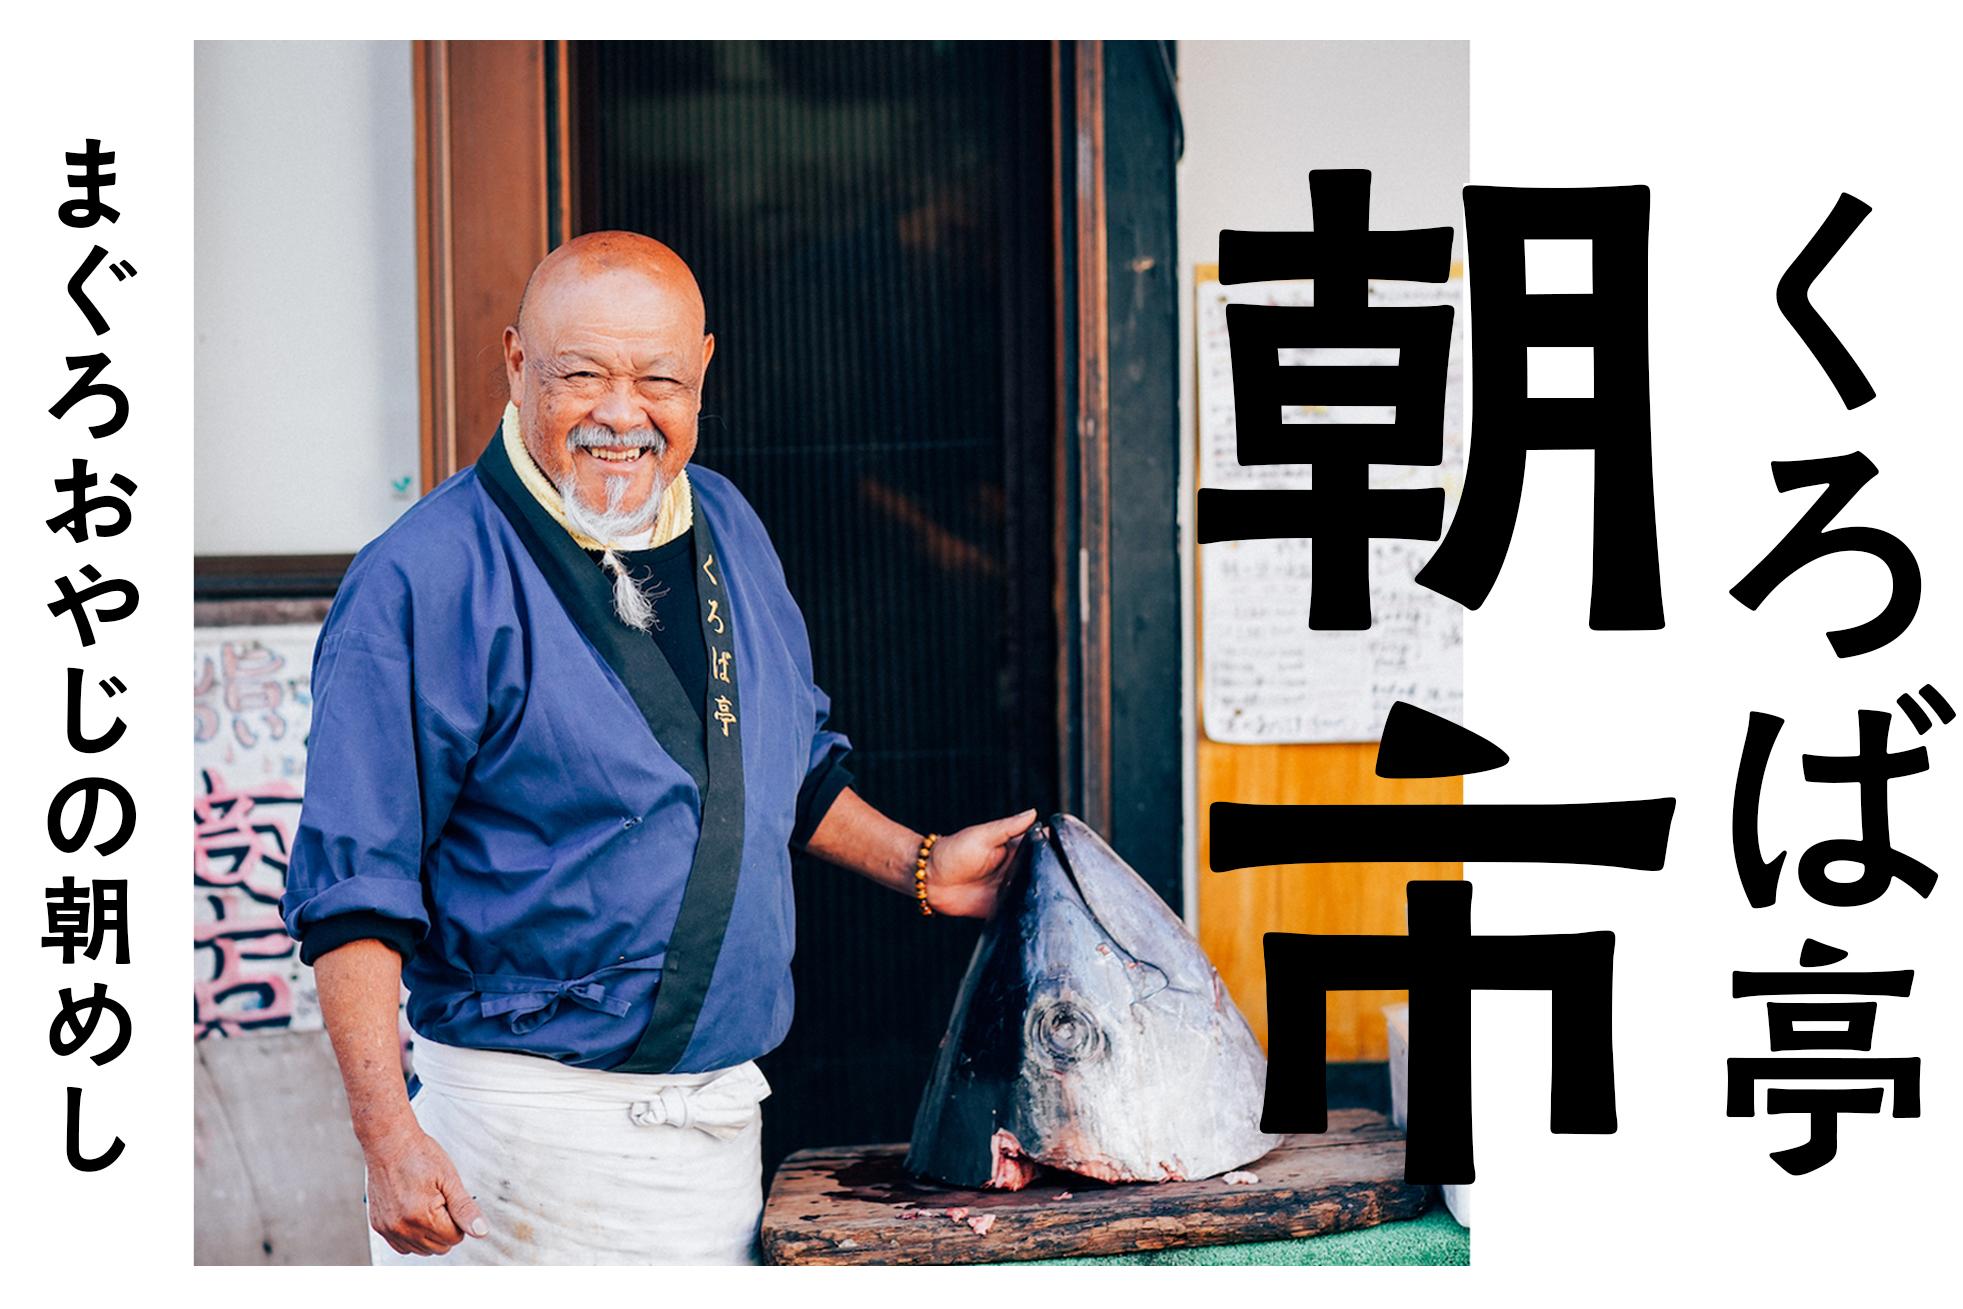 三崎「くろば亭朝市」でまぐろおやじの特製朝めしを堪能!日曜朝5時から